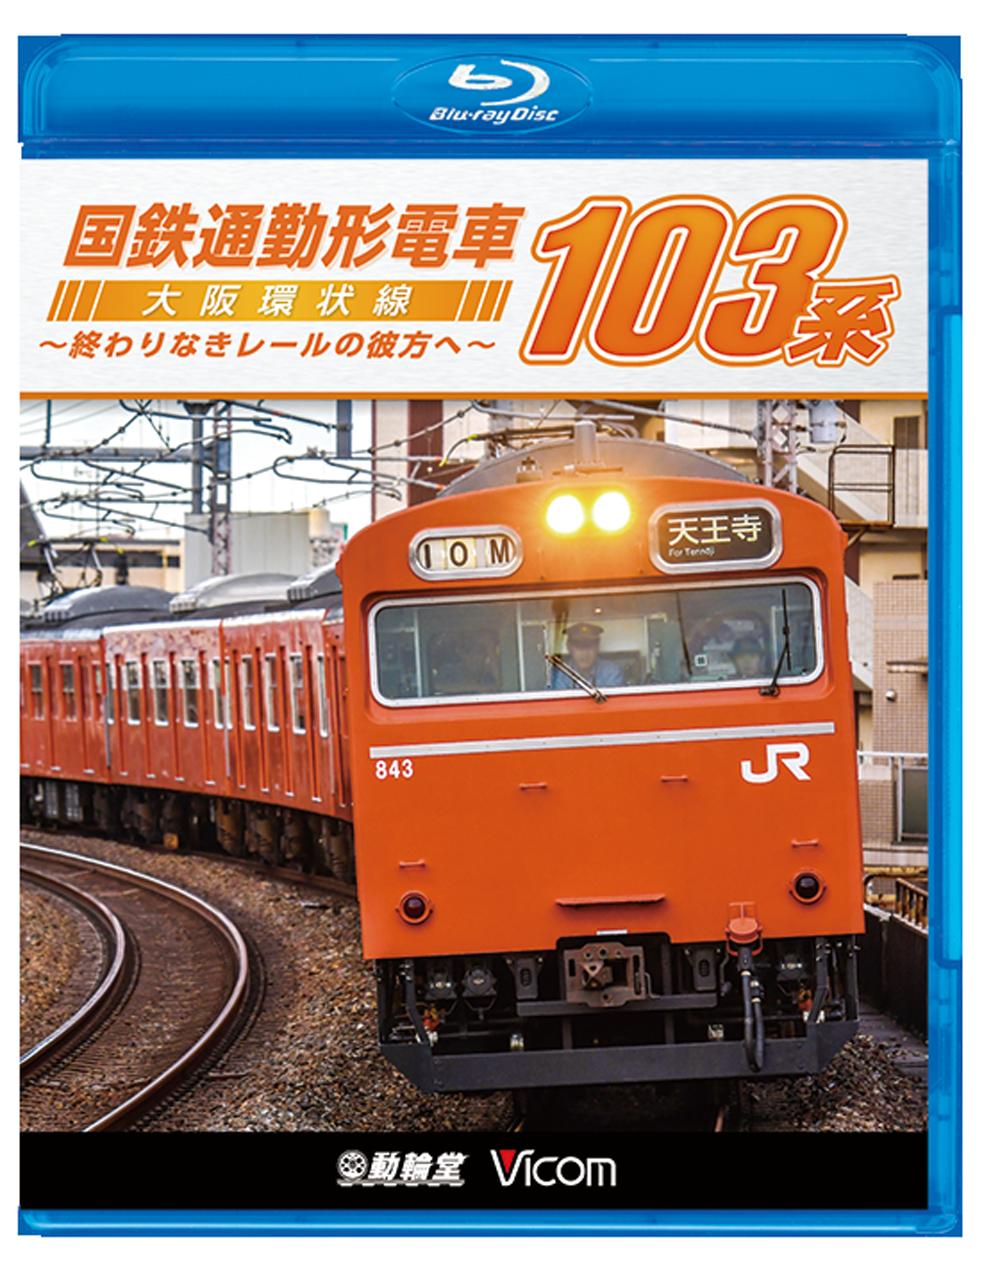 国鉄通勤形電車103系 大阪環状線 ~終わりなきレールの彼方へ~<ブルーレイ版>【2018年1月21日発売】